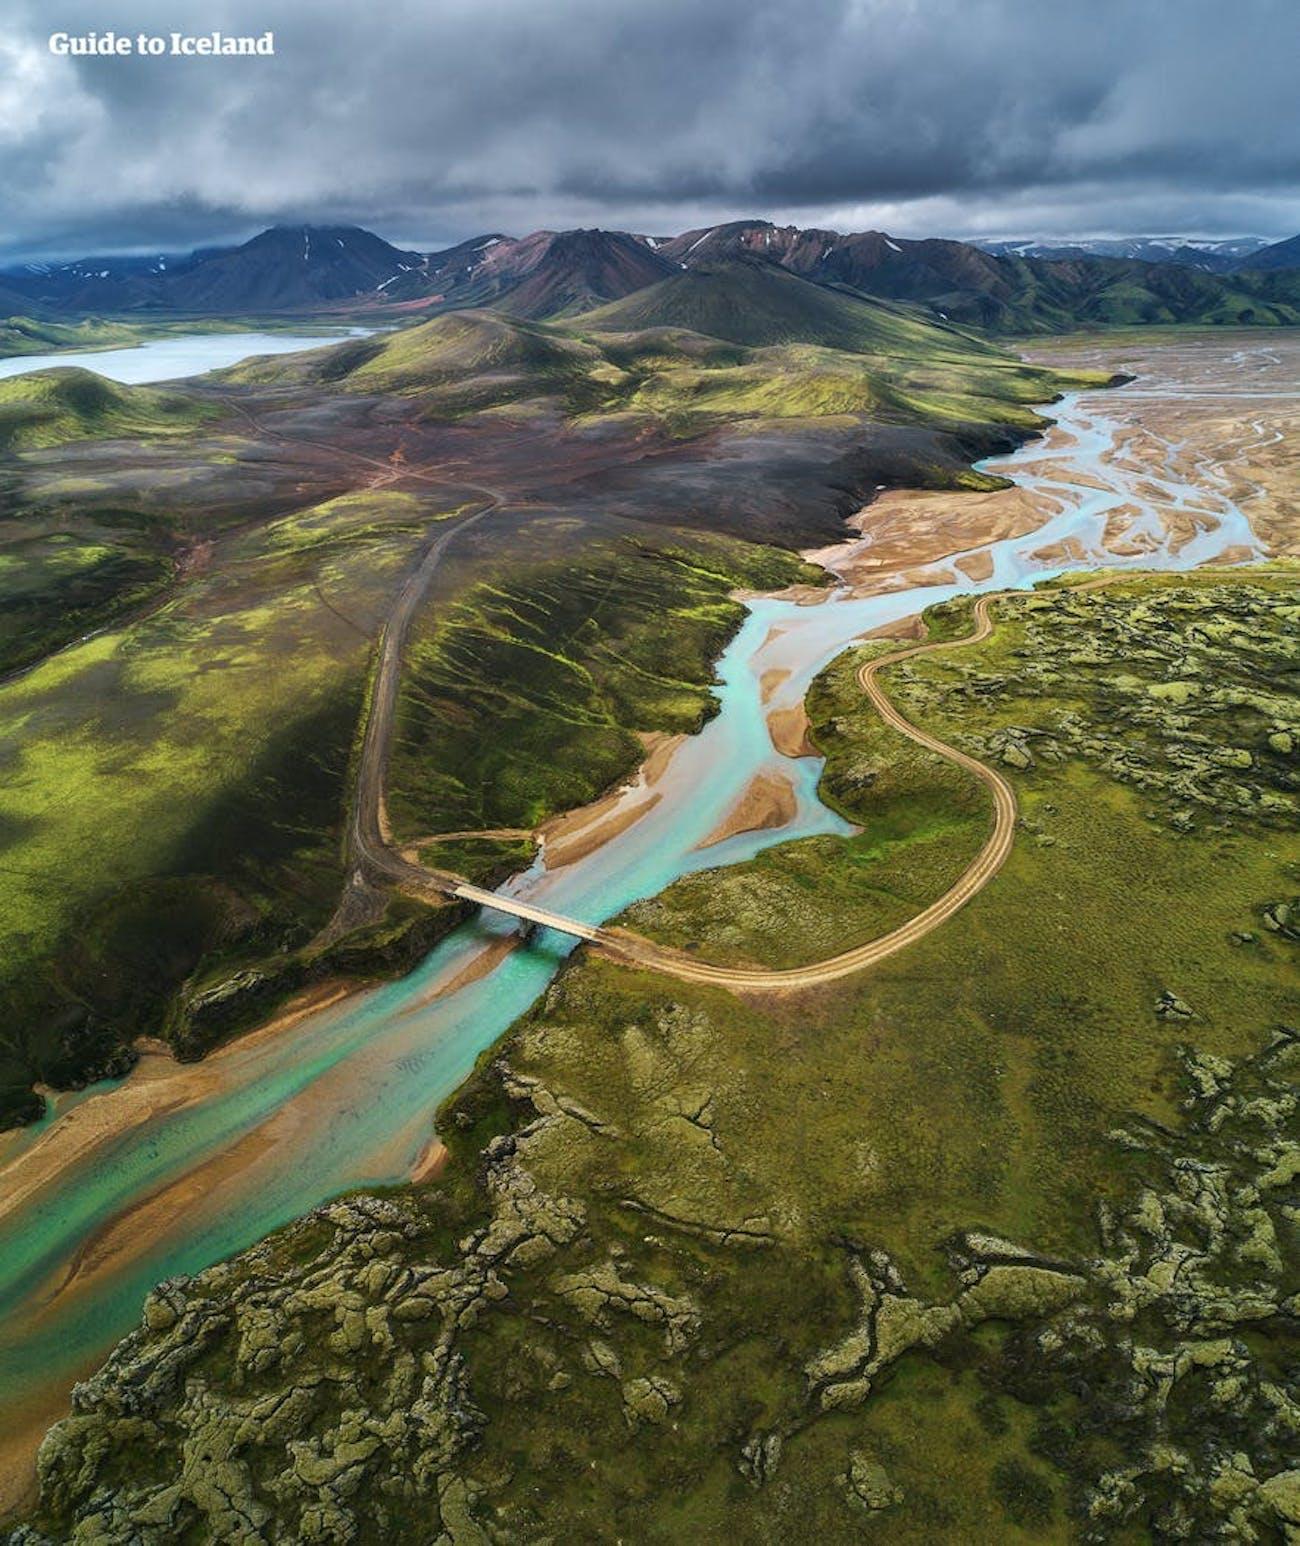 Krajobrazy Islandii są fantastyczne do odkrywania na piechotę.'s landscapes are fantastic to explore on foot.